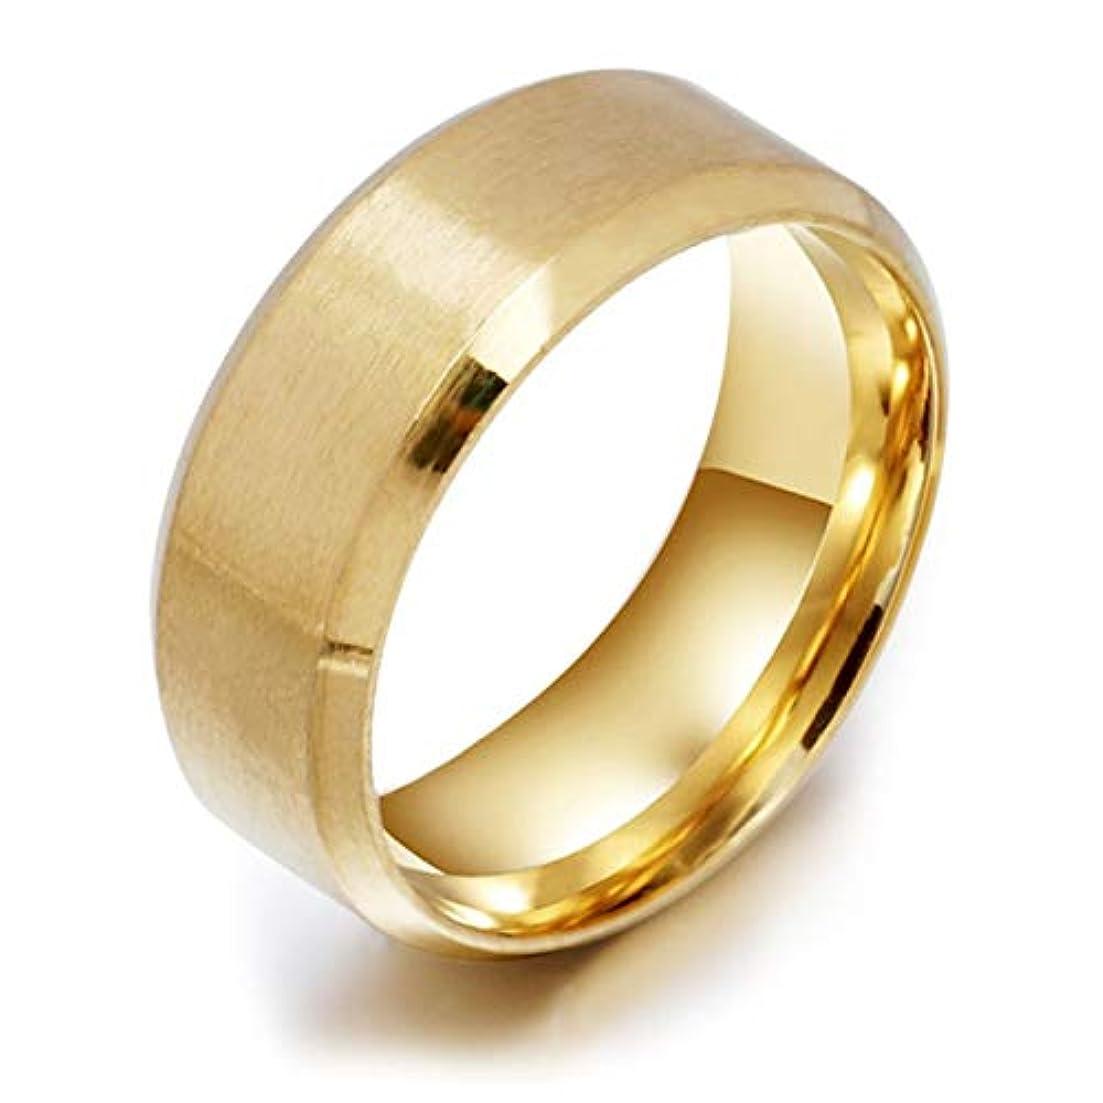 ロック解除ペナルティ混合ステンレス鋼の医療指リング磁気減量リング男性のための高いポーランドのファッションジュエリー女性リング-ゴールド10